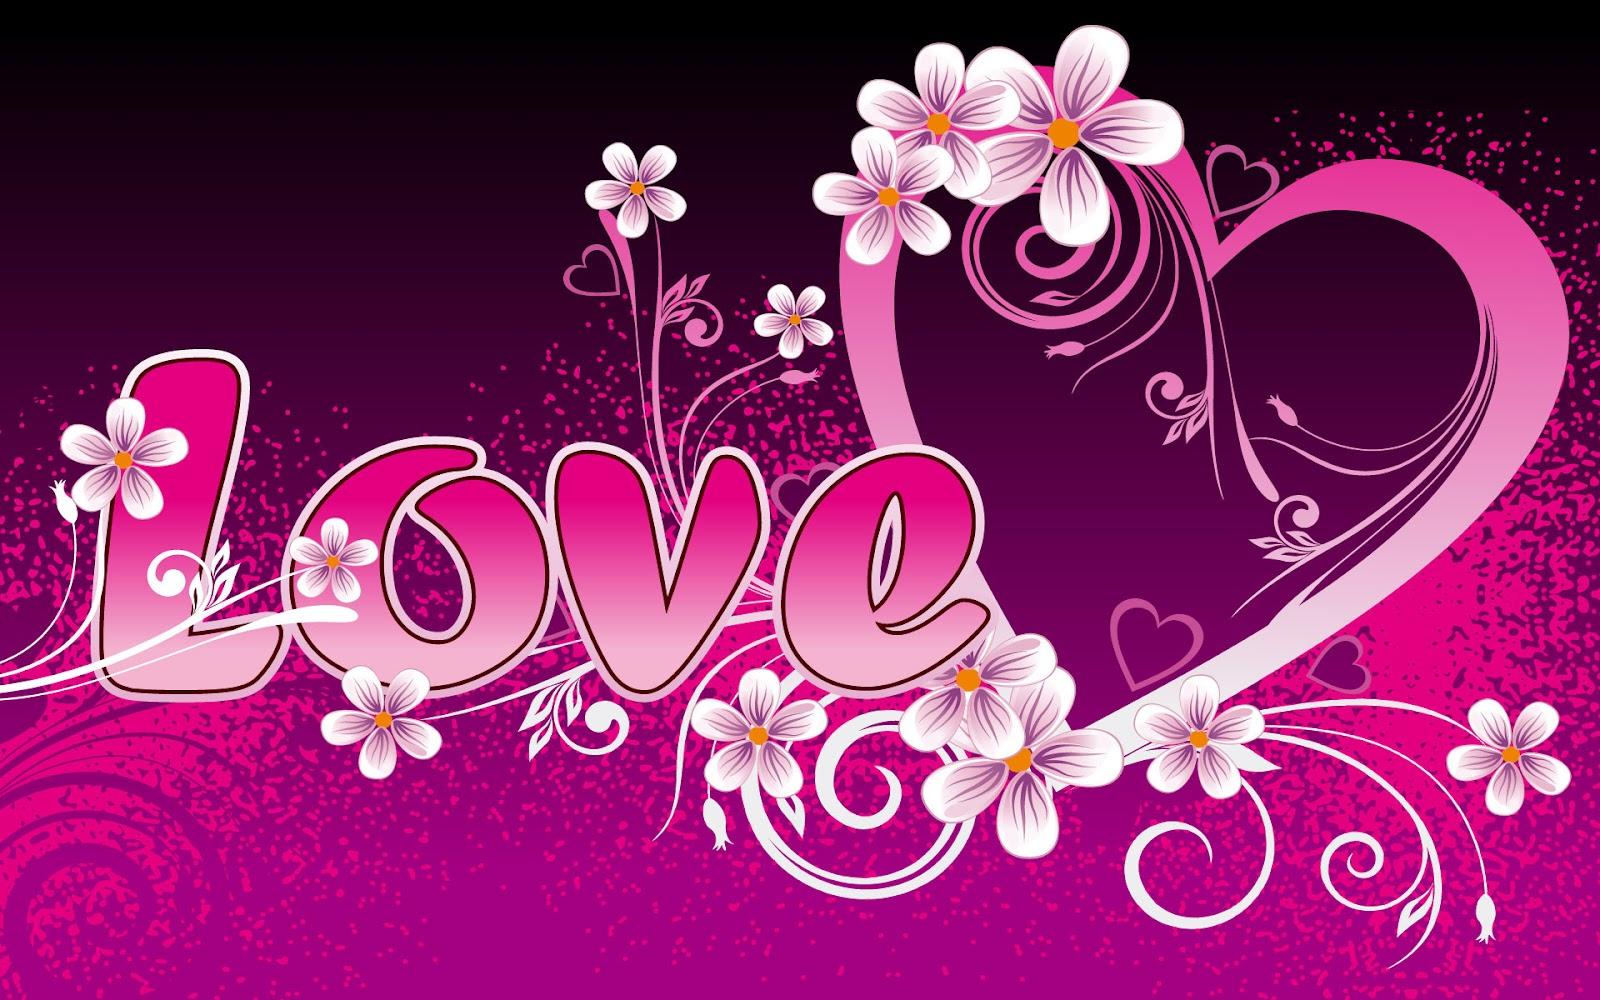 ... 3d quotes 3d snaps 3d love pics 3d love images 3d love quotes